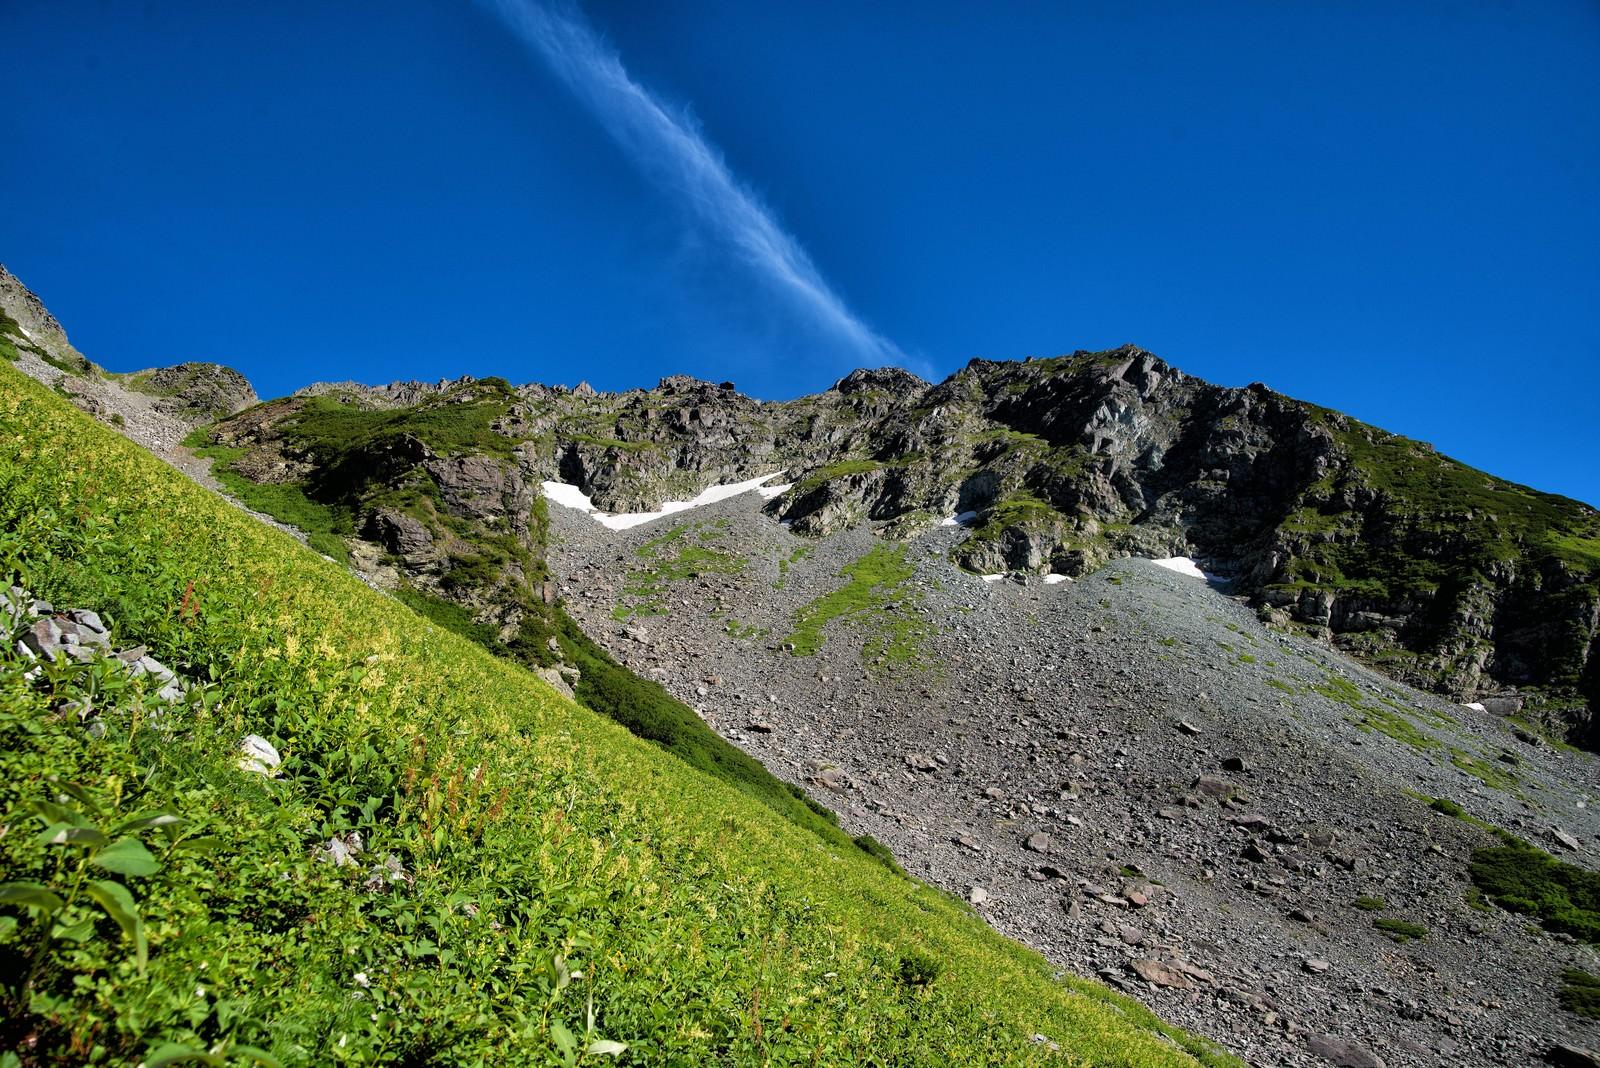 「北穂高岳の岩壁に見える青空」の写真